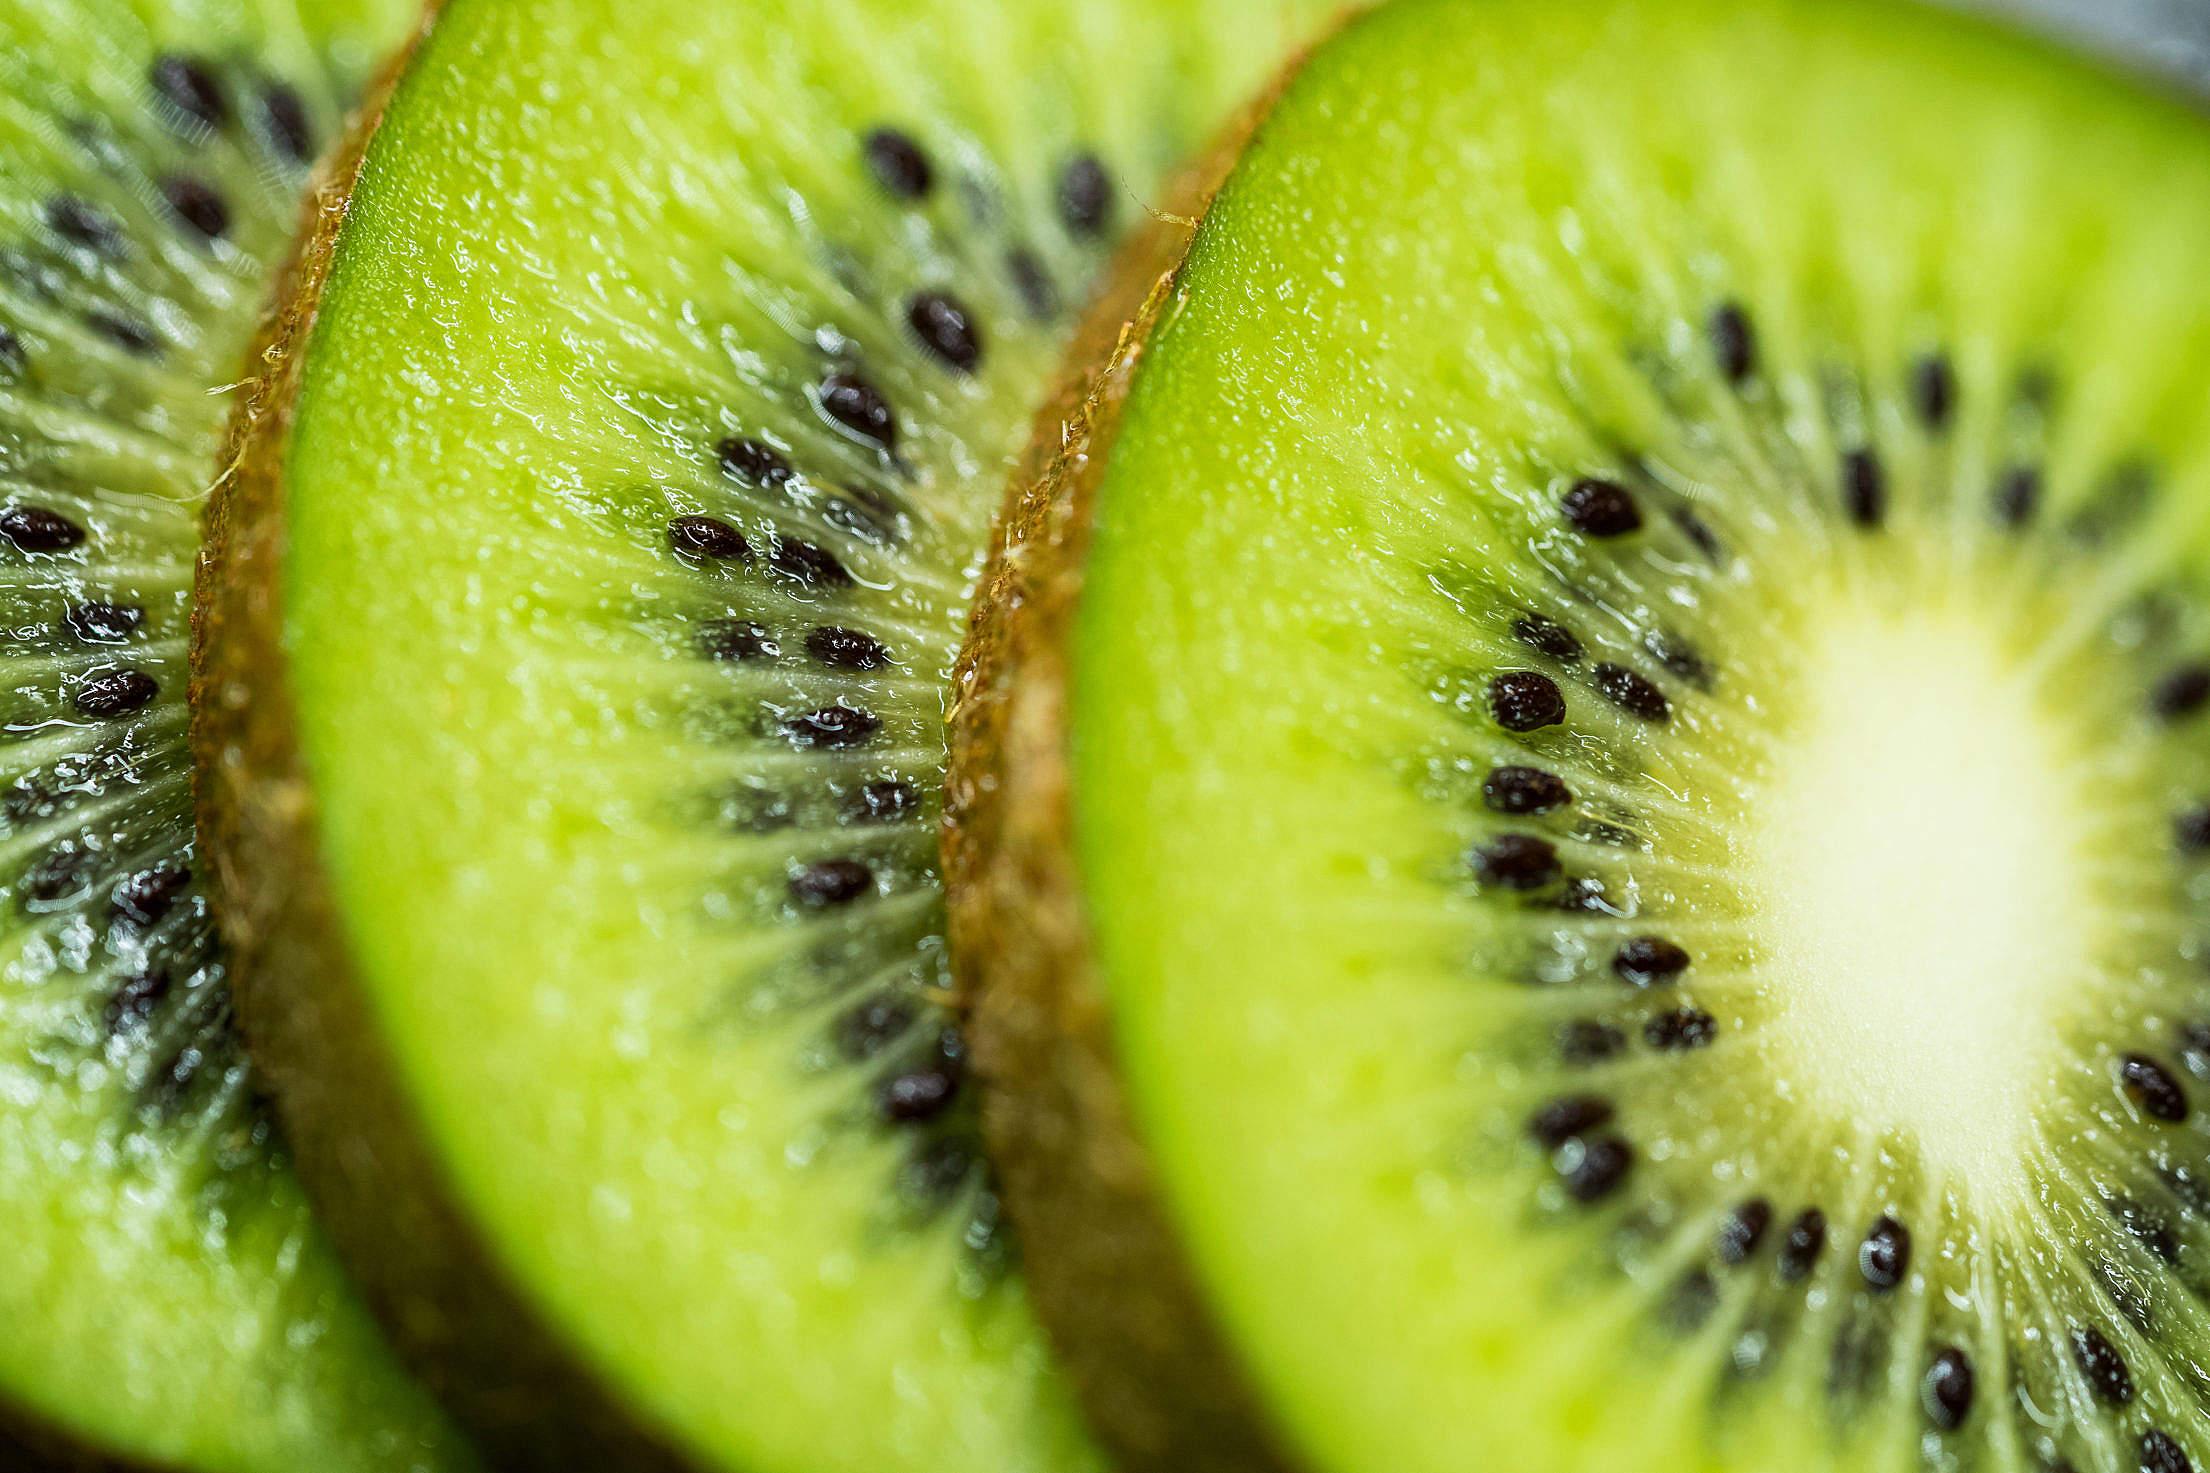 Slices of Kiwi Free Stock Photo